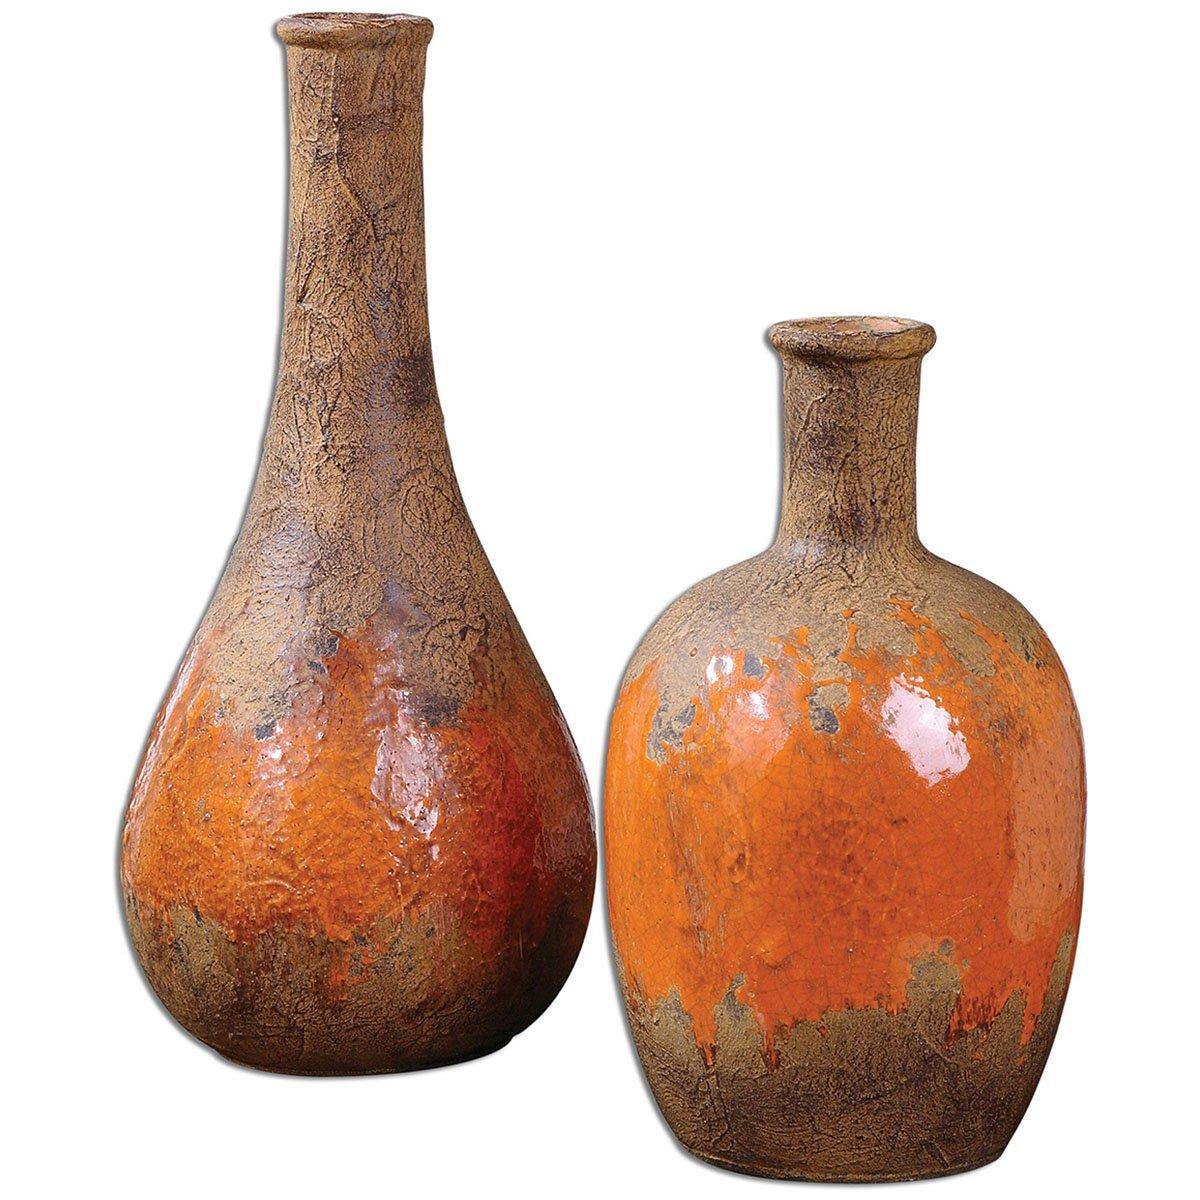 Uttermost 19825 Kadam Ceramic Vases (Set of 2)